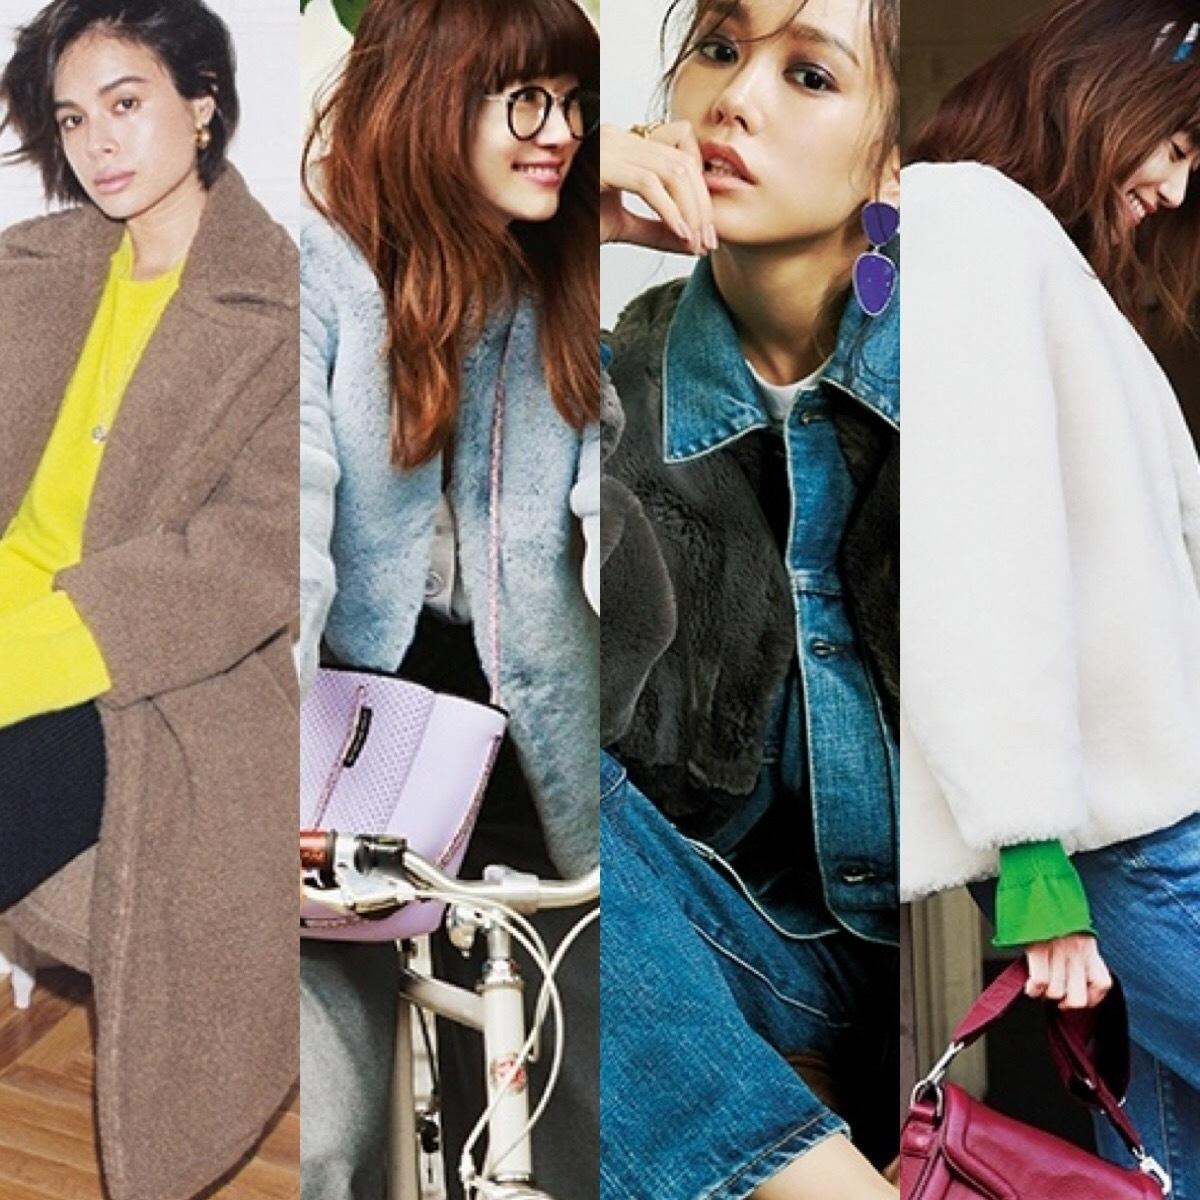 モコモコ可愛い♡【30代のファーコート】大人コーデ15選 30代レディースファッション